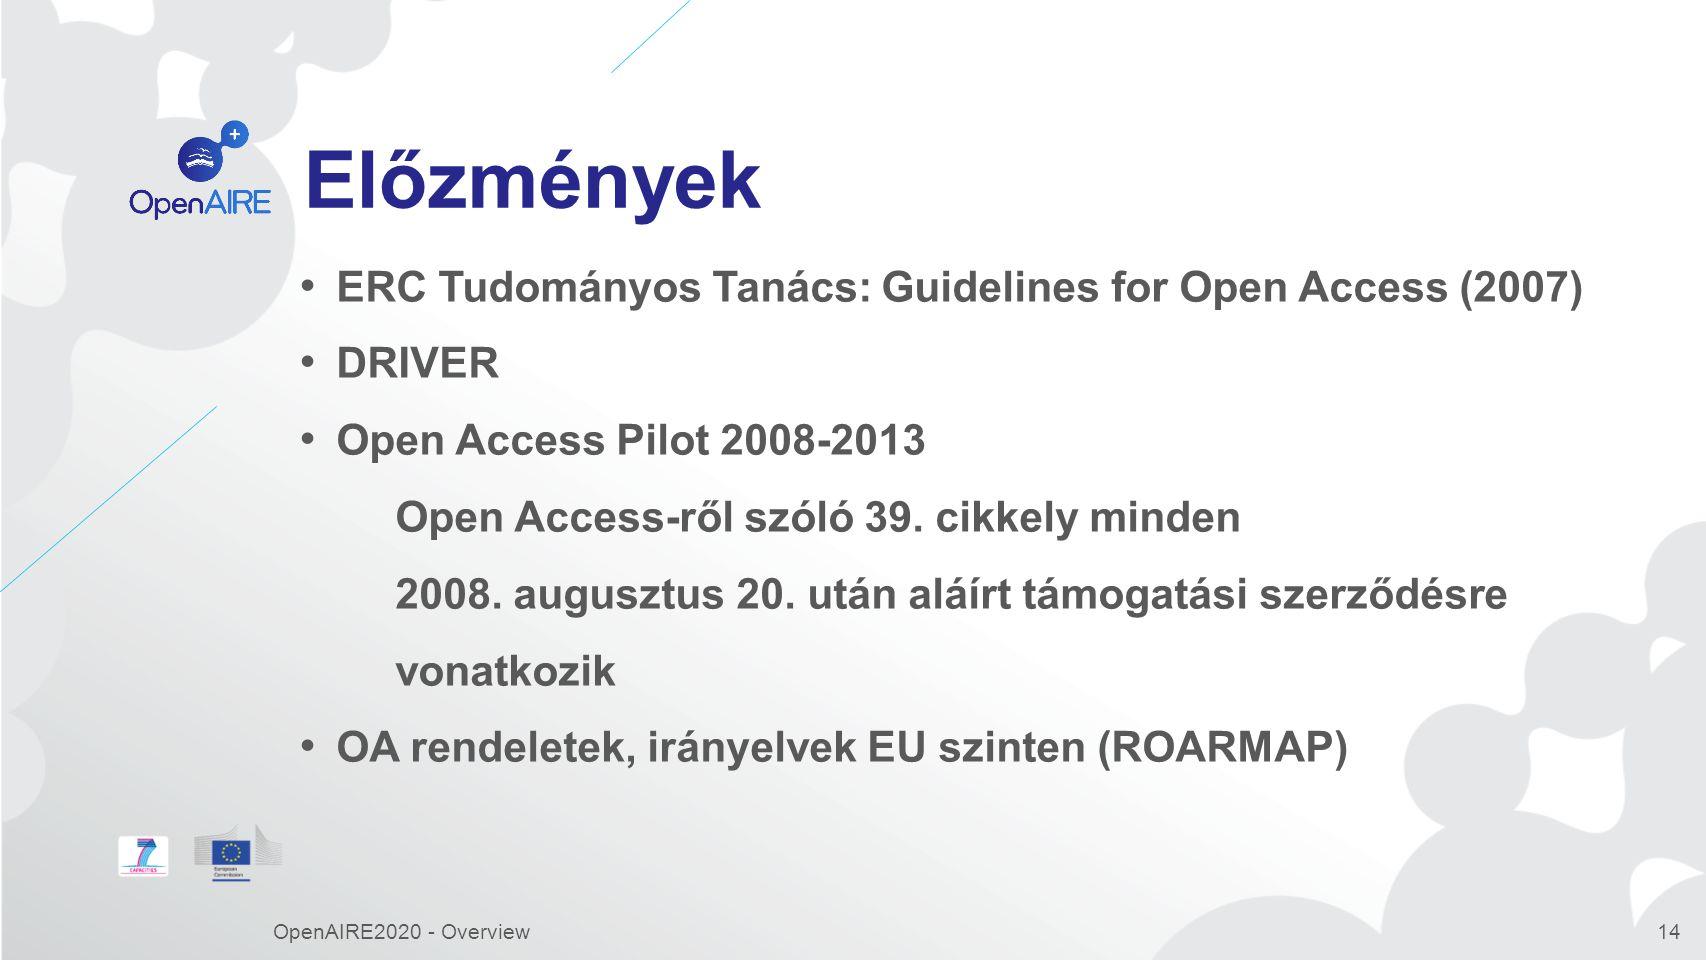 Előzmények ERC Tudományos Tanács: Guidelines for Open Access (2007)